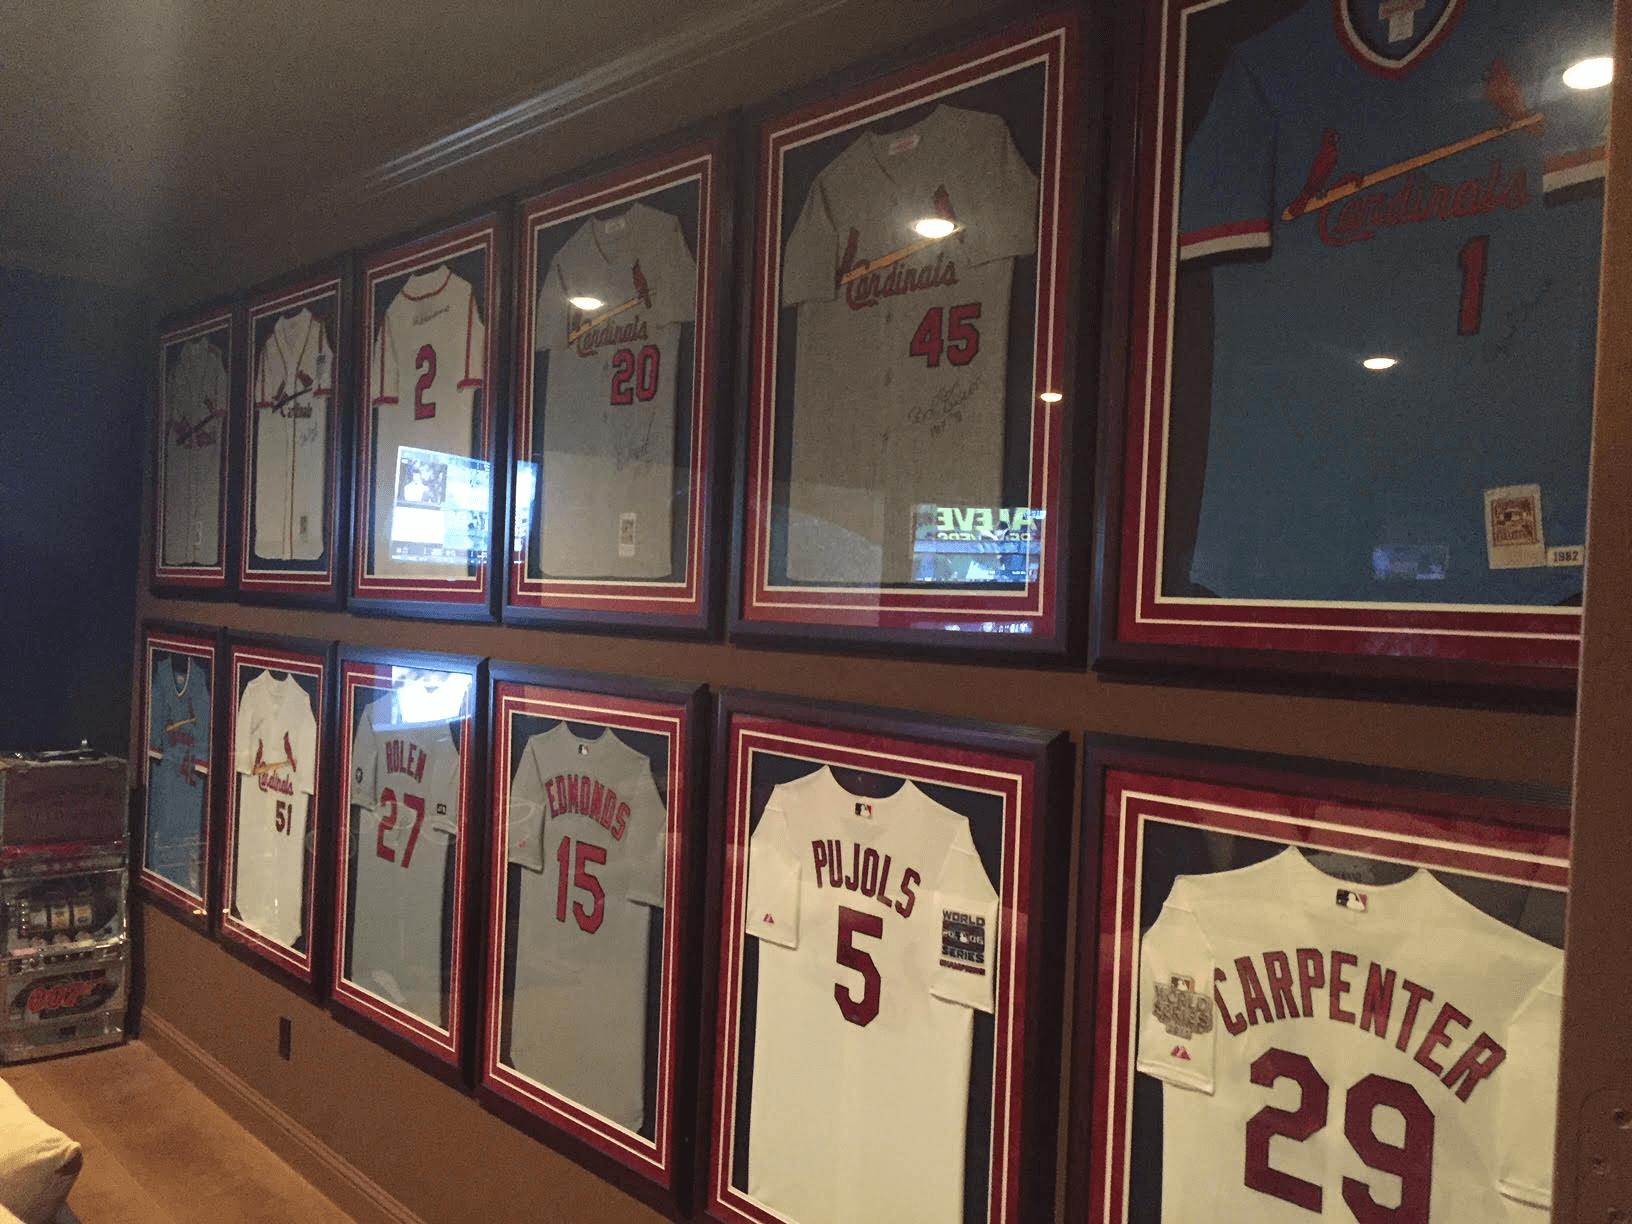 Framed Cardinals jerseys on wall